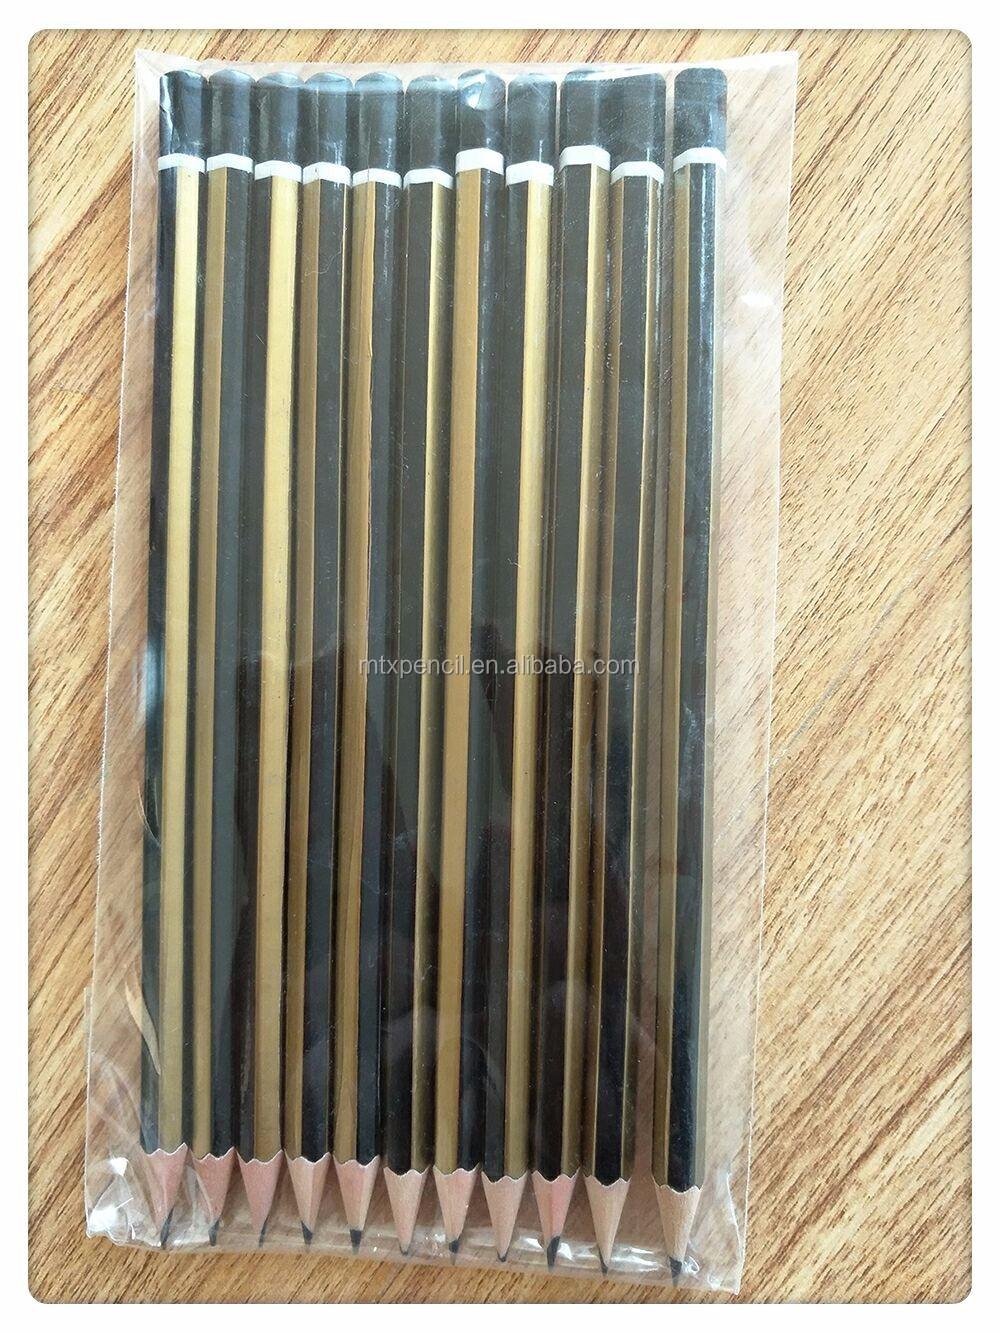 Hot Sale Hb Pensil Kayu Hitam Panjang Dengan Pencetakan Logo Kustom Pinsil